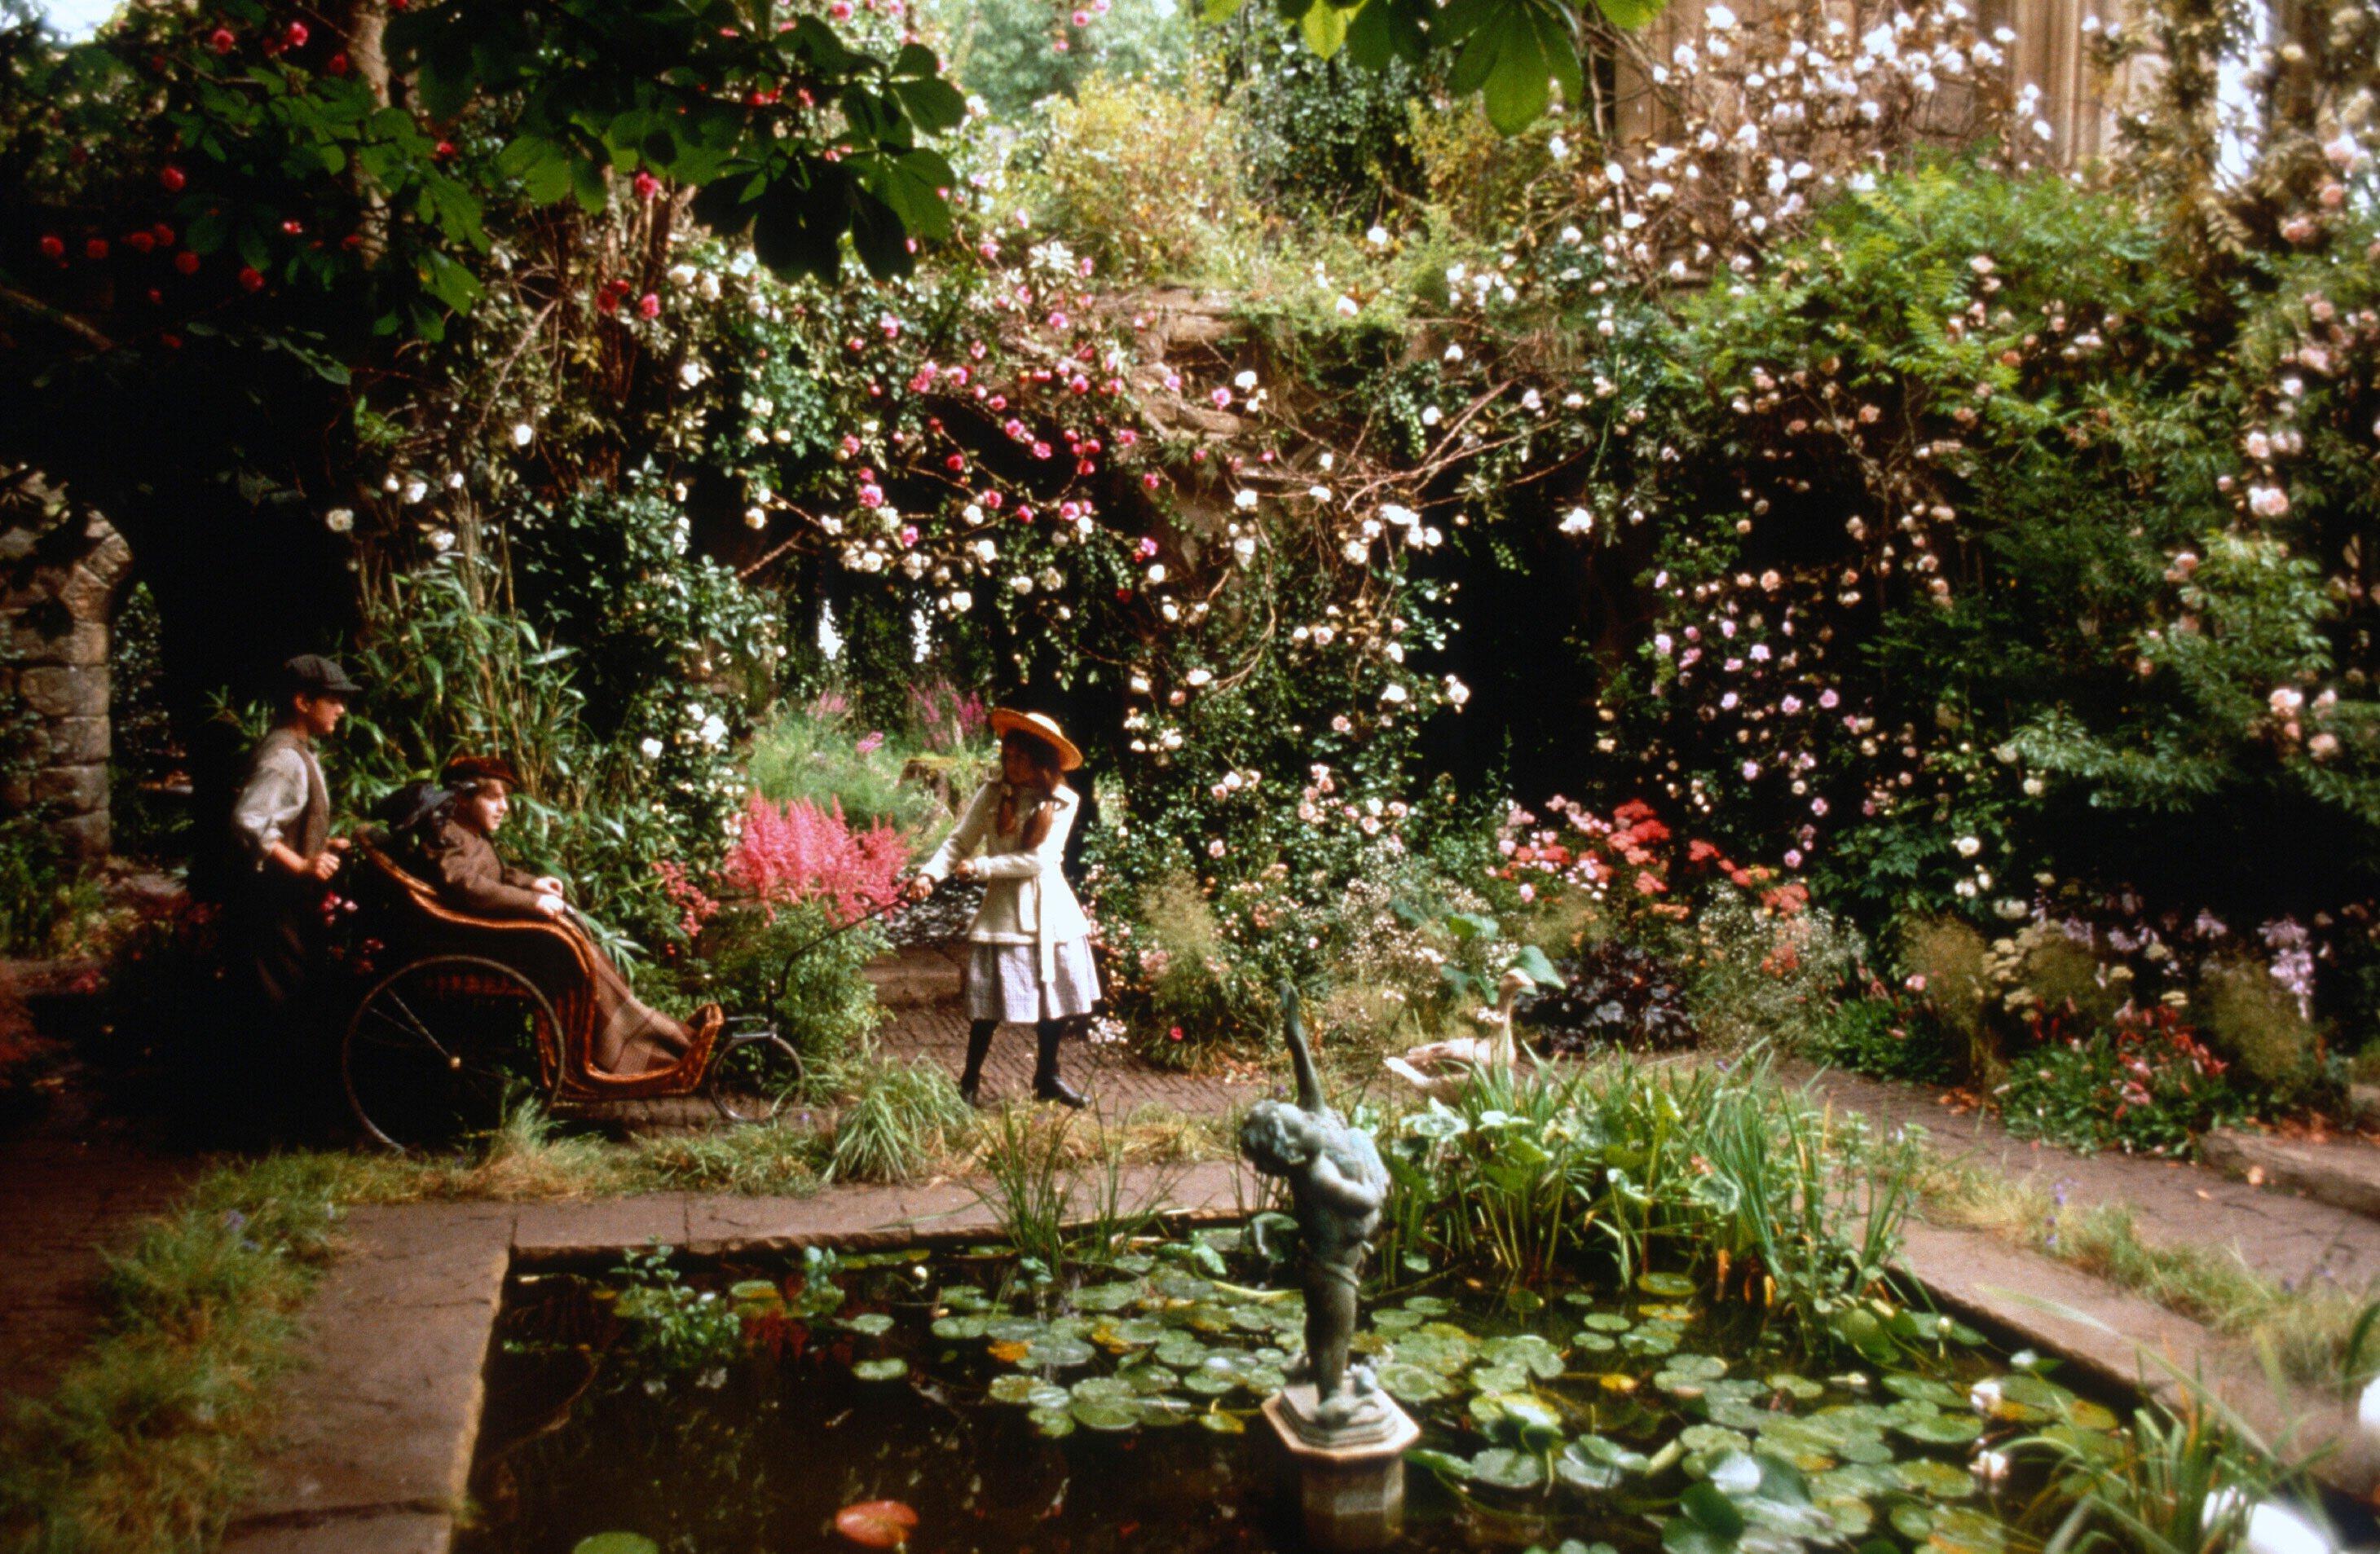 Najpiękniejsze ogrody z filmów - Tajemniczy ogród